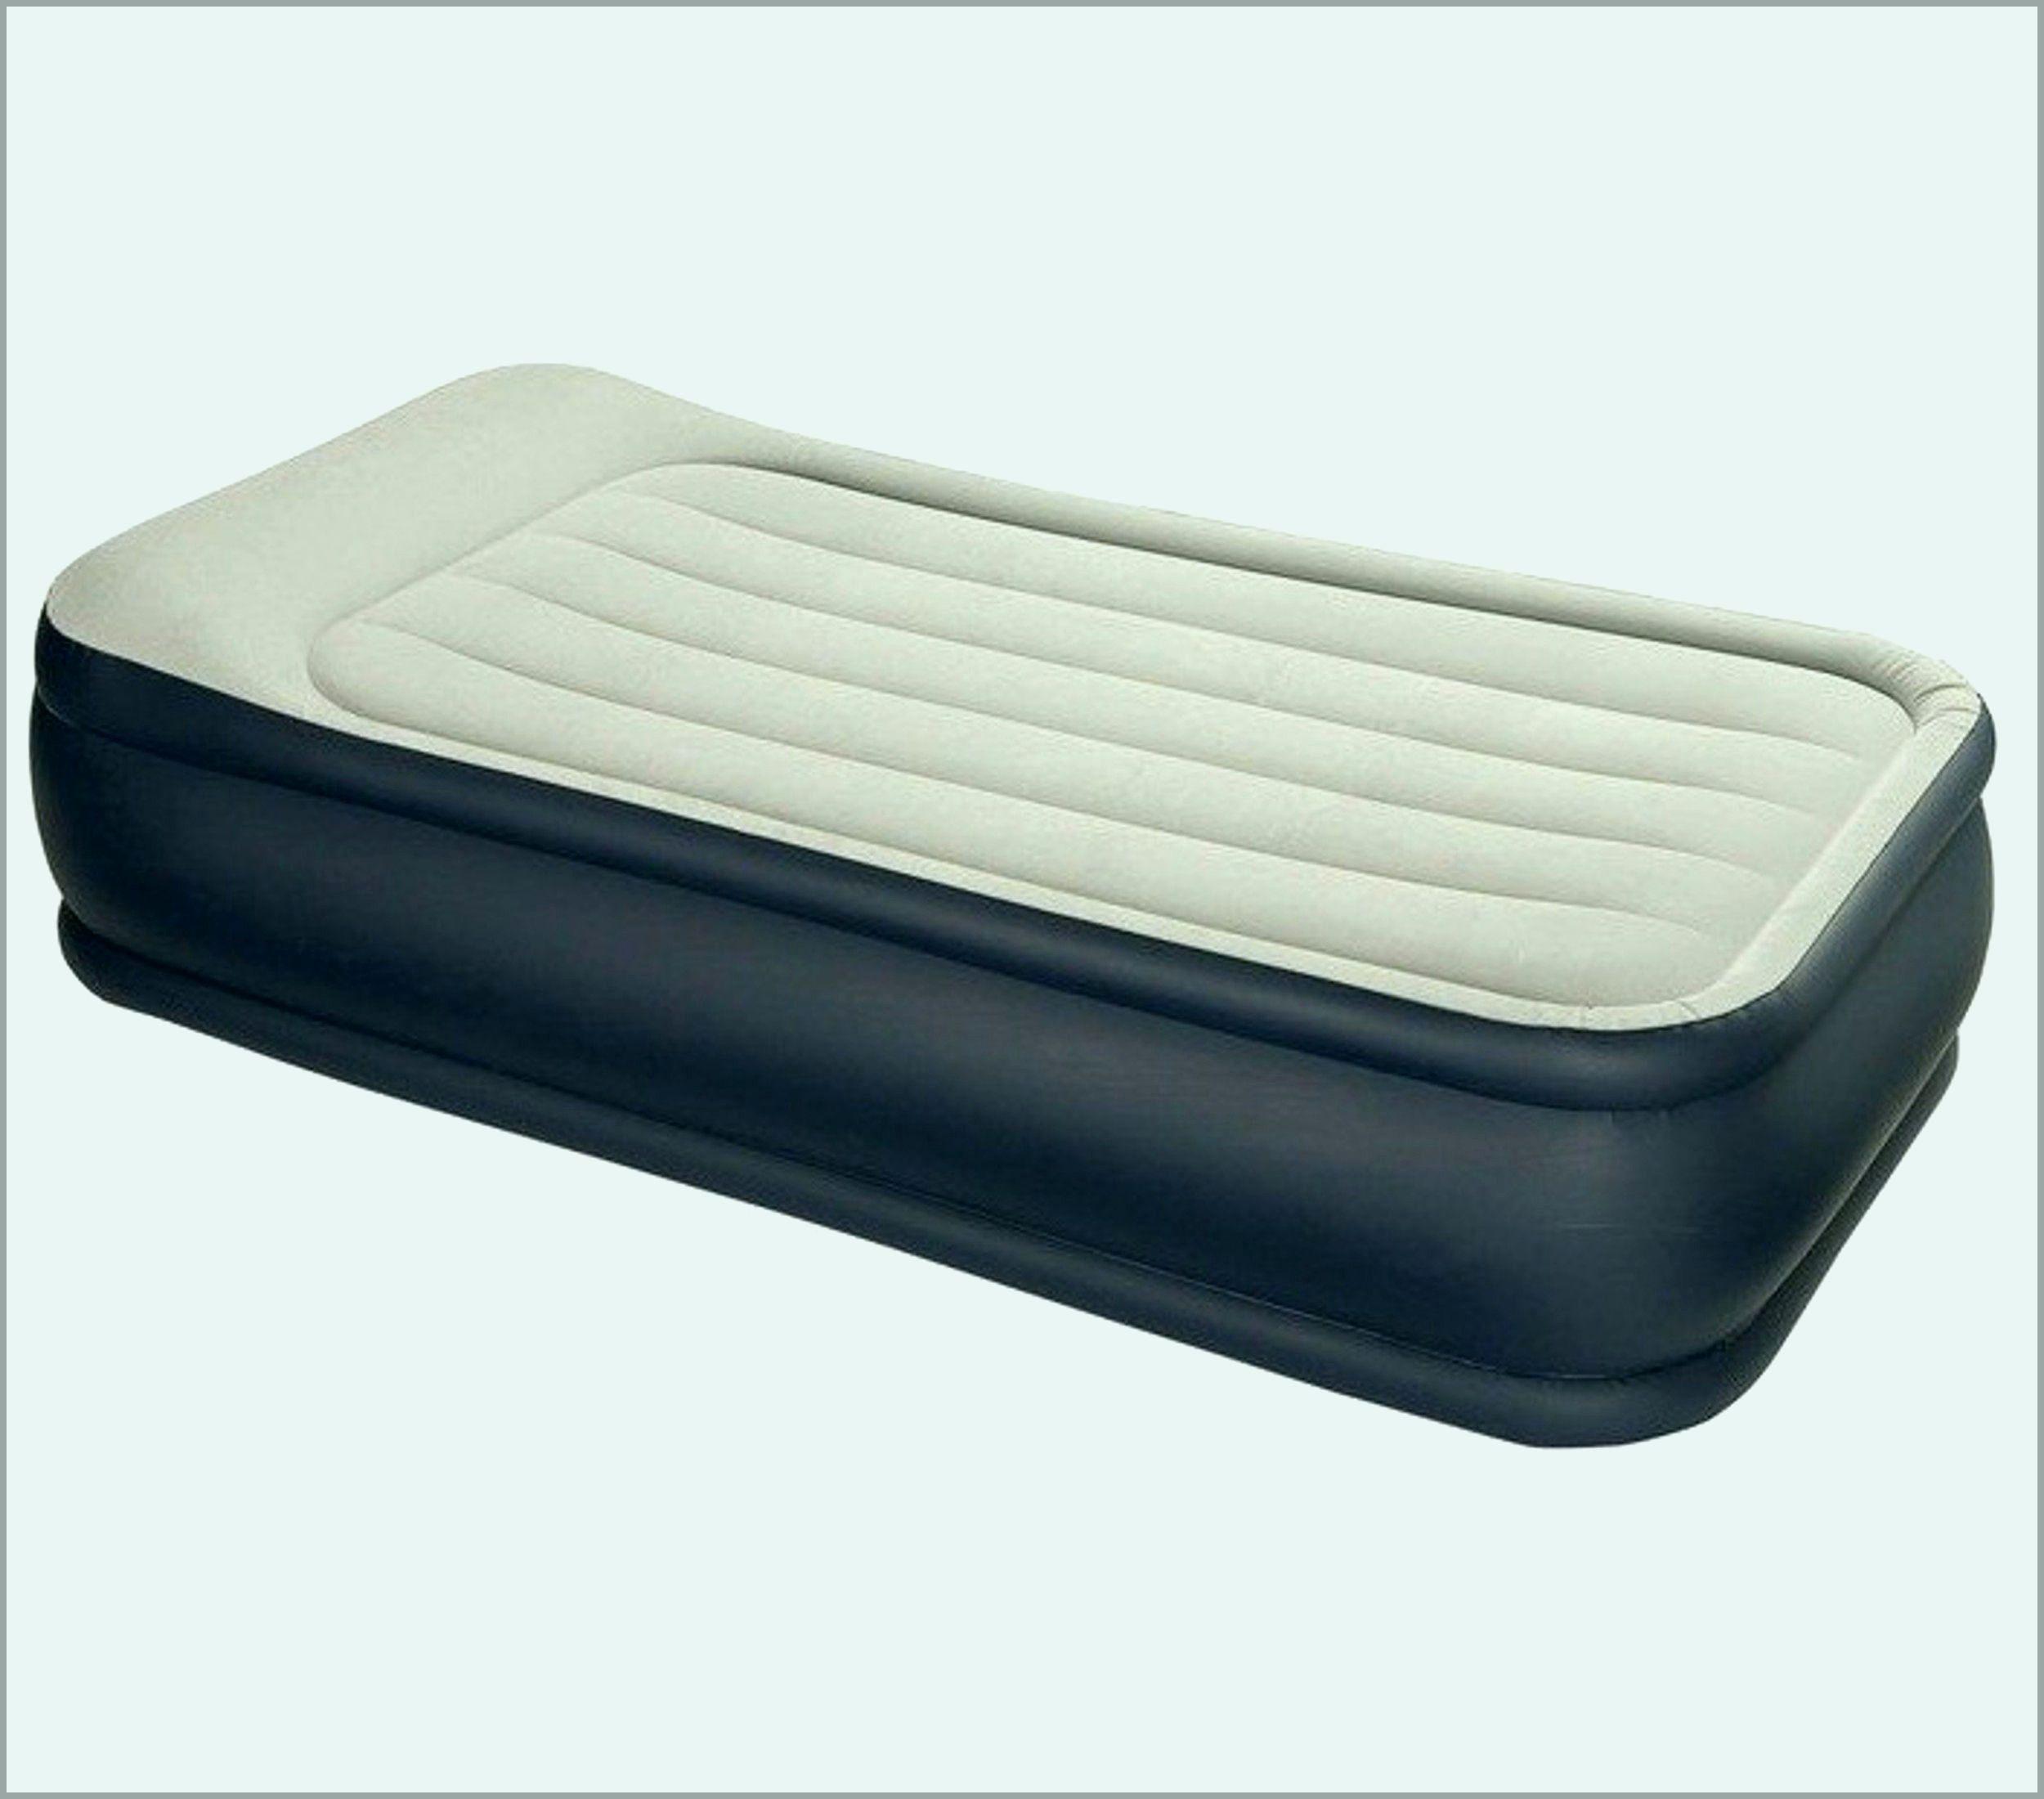 Armoire Lit Escamotable Canapé Intégré Meilleur De 35 Incroyable Canapé Ploum Suggestions